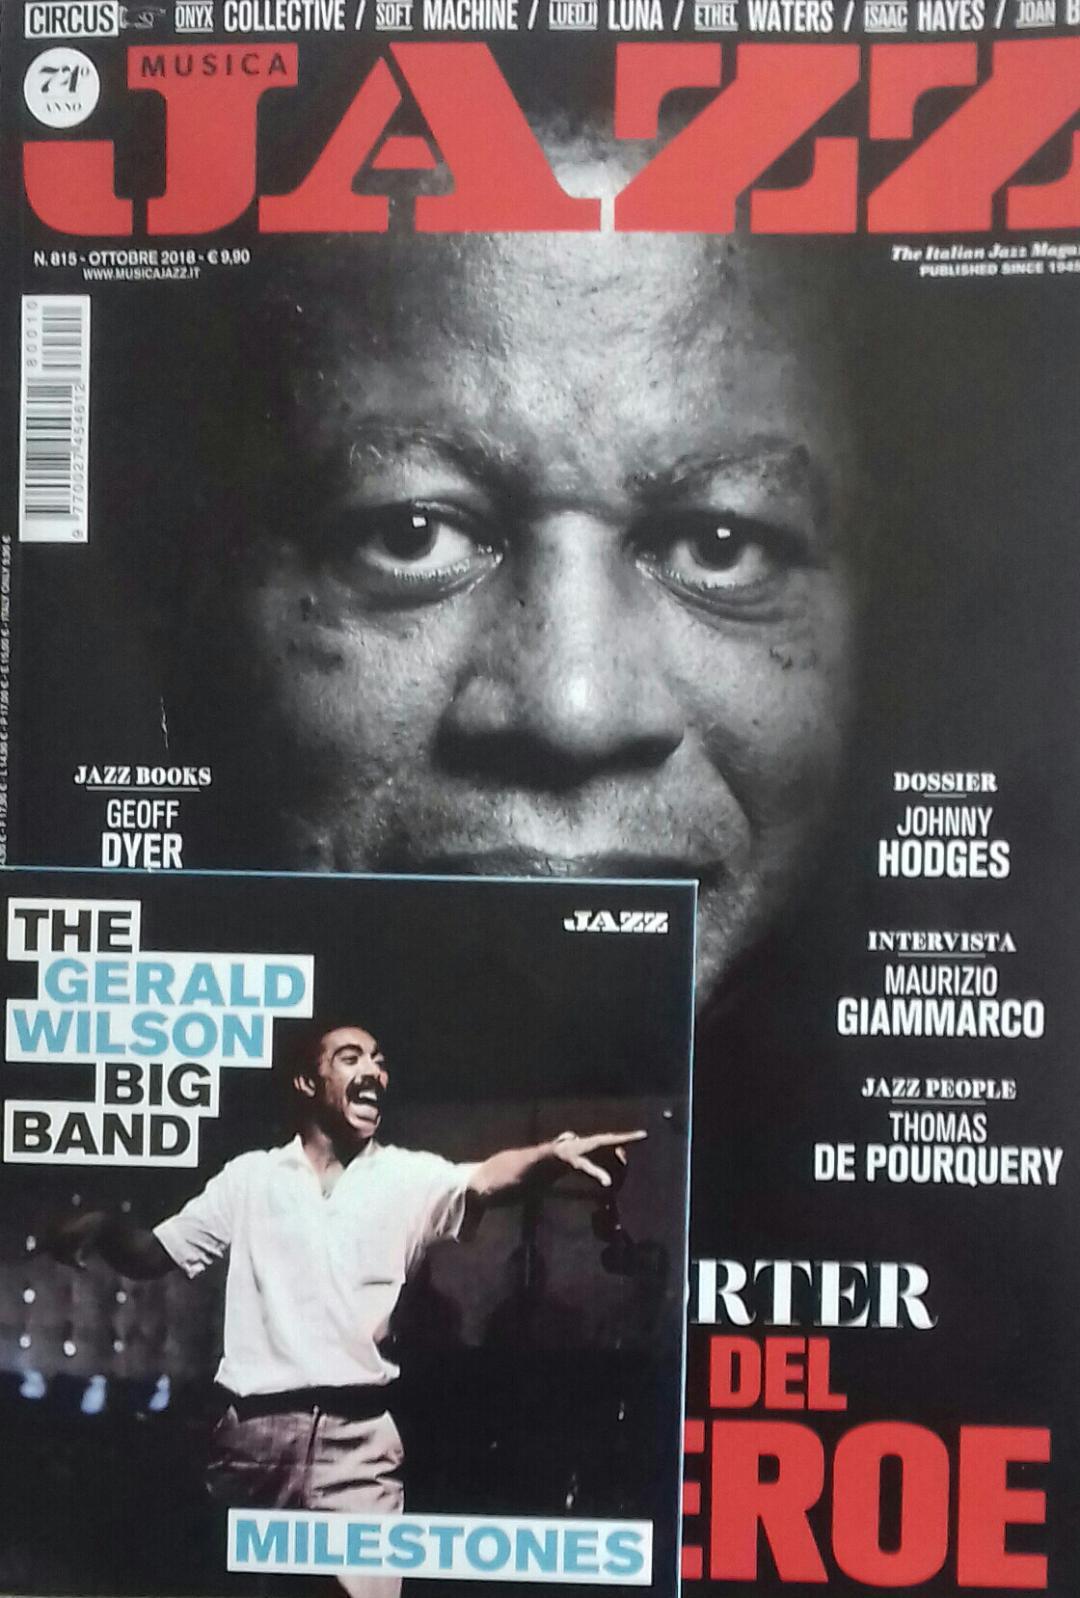 Musica Jazz n. 815 (ottobre 2018)